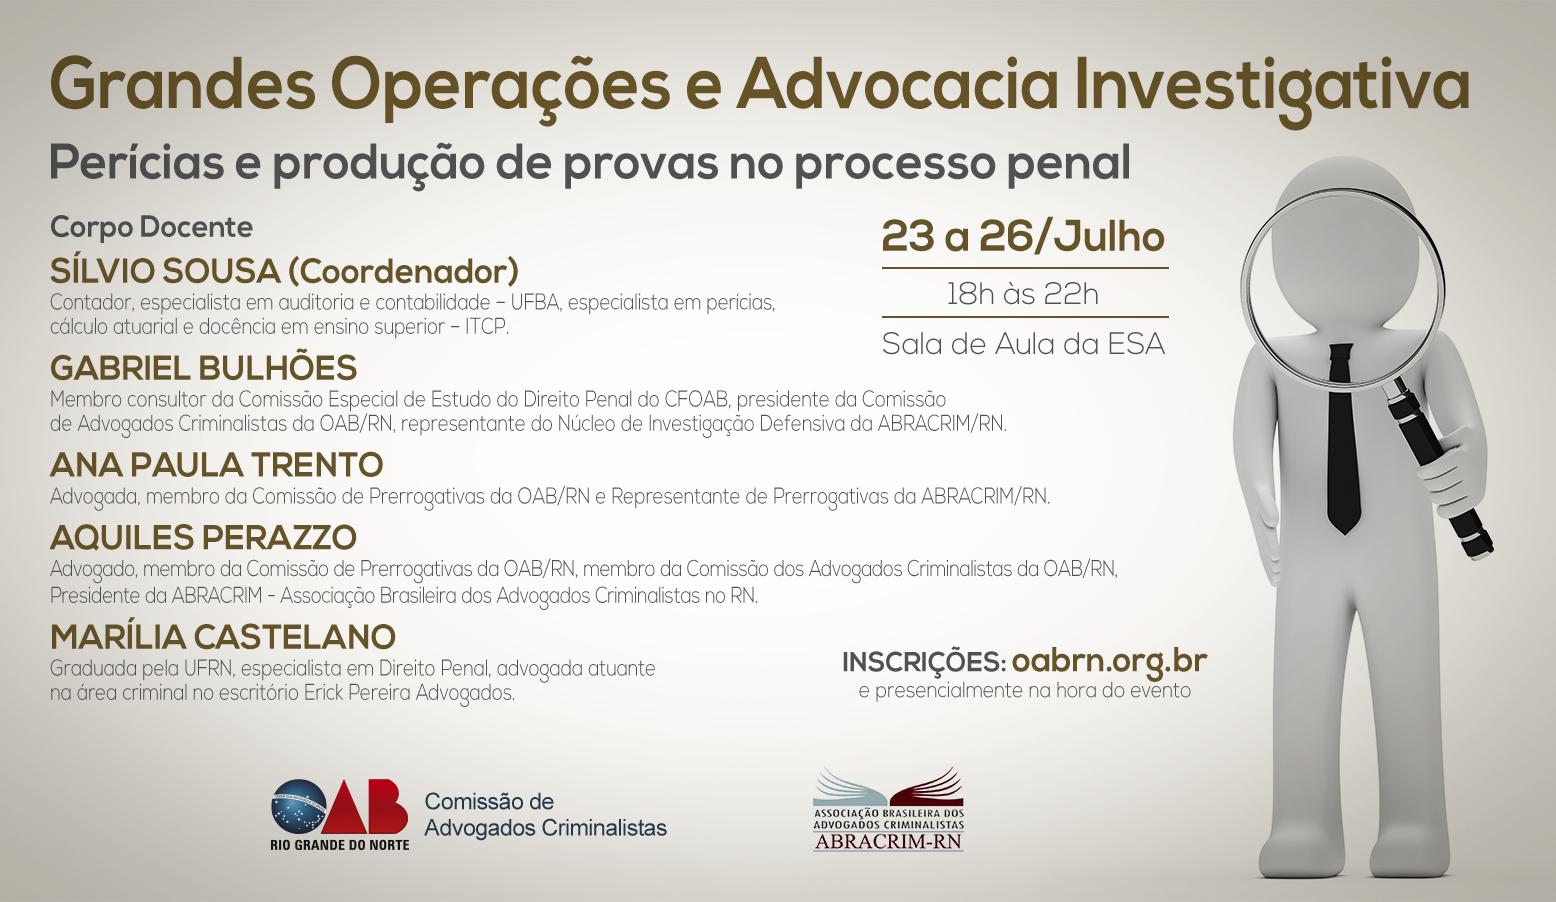 OABRN abre inscrições para Grandes Operações e Advocacia Investigativa